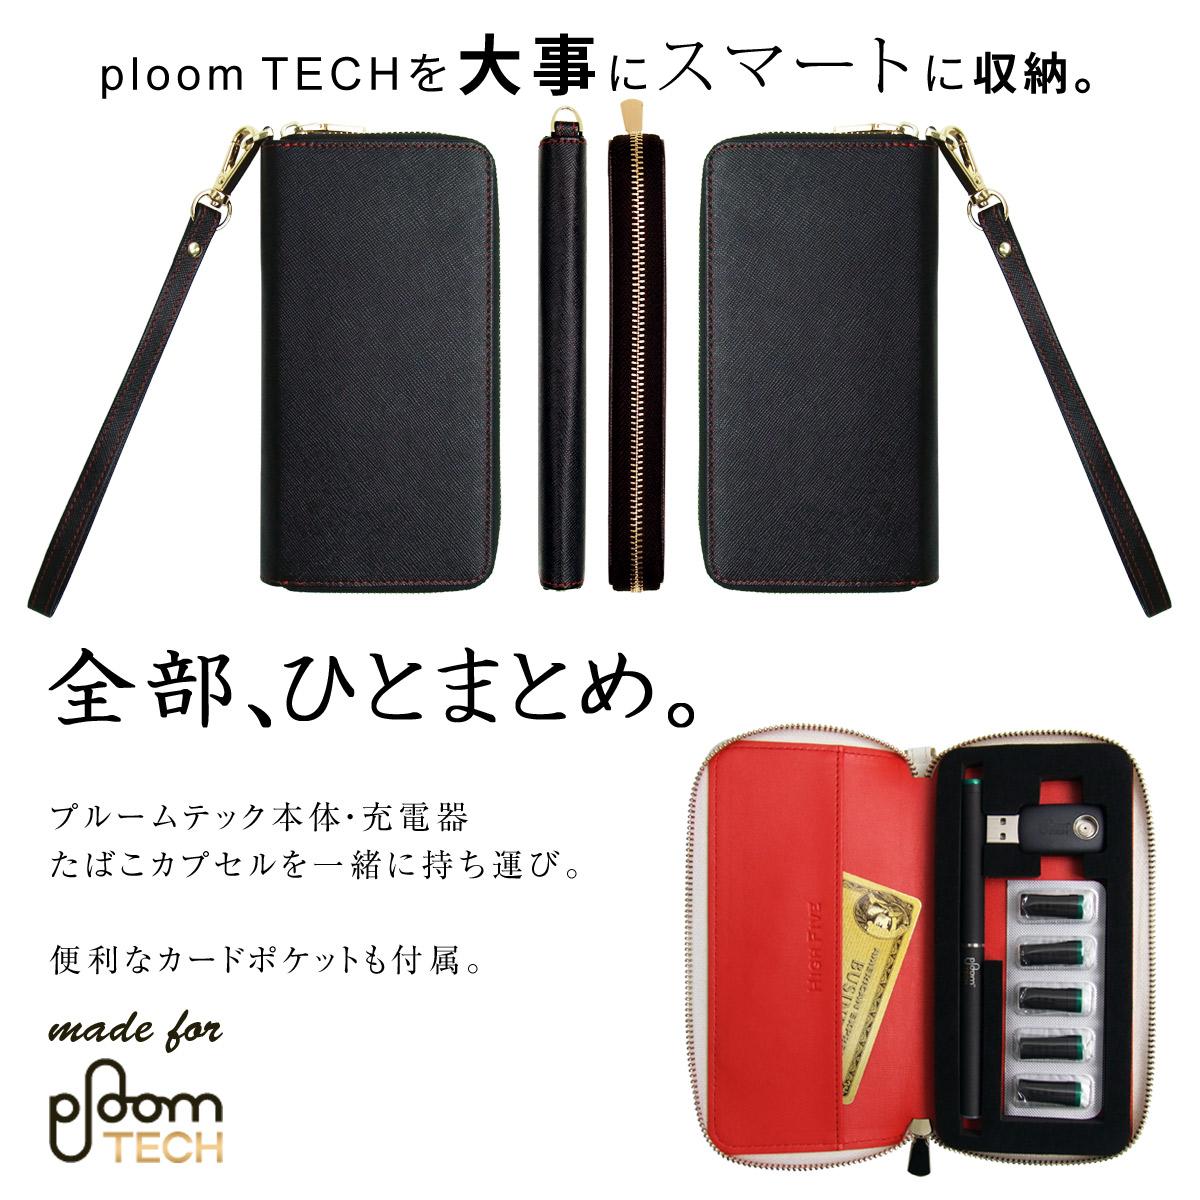 プルームテック Ploom TECH